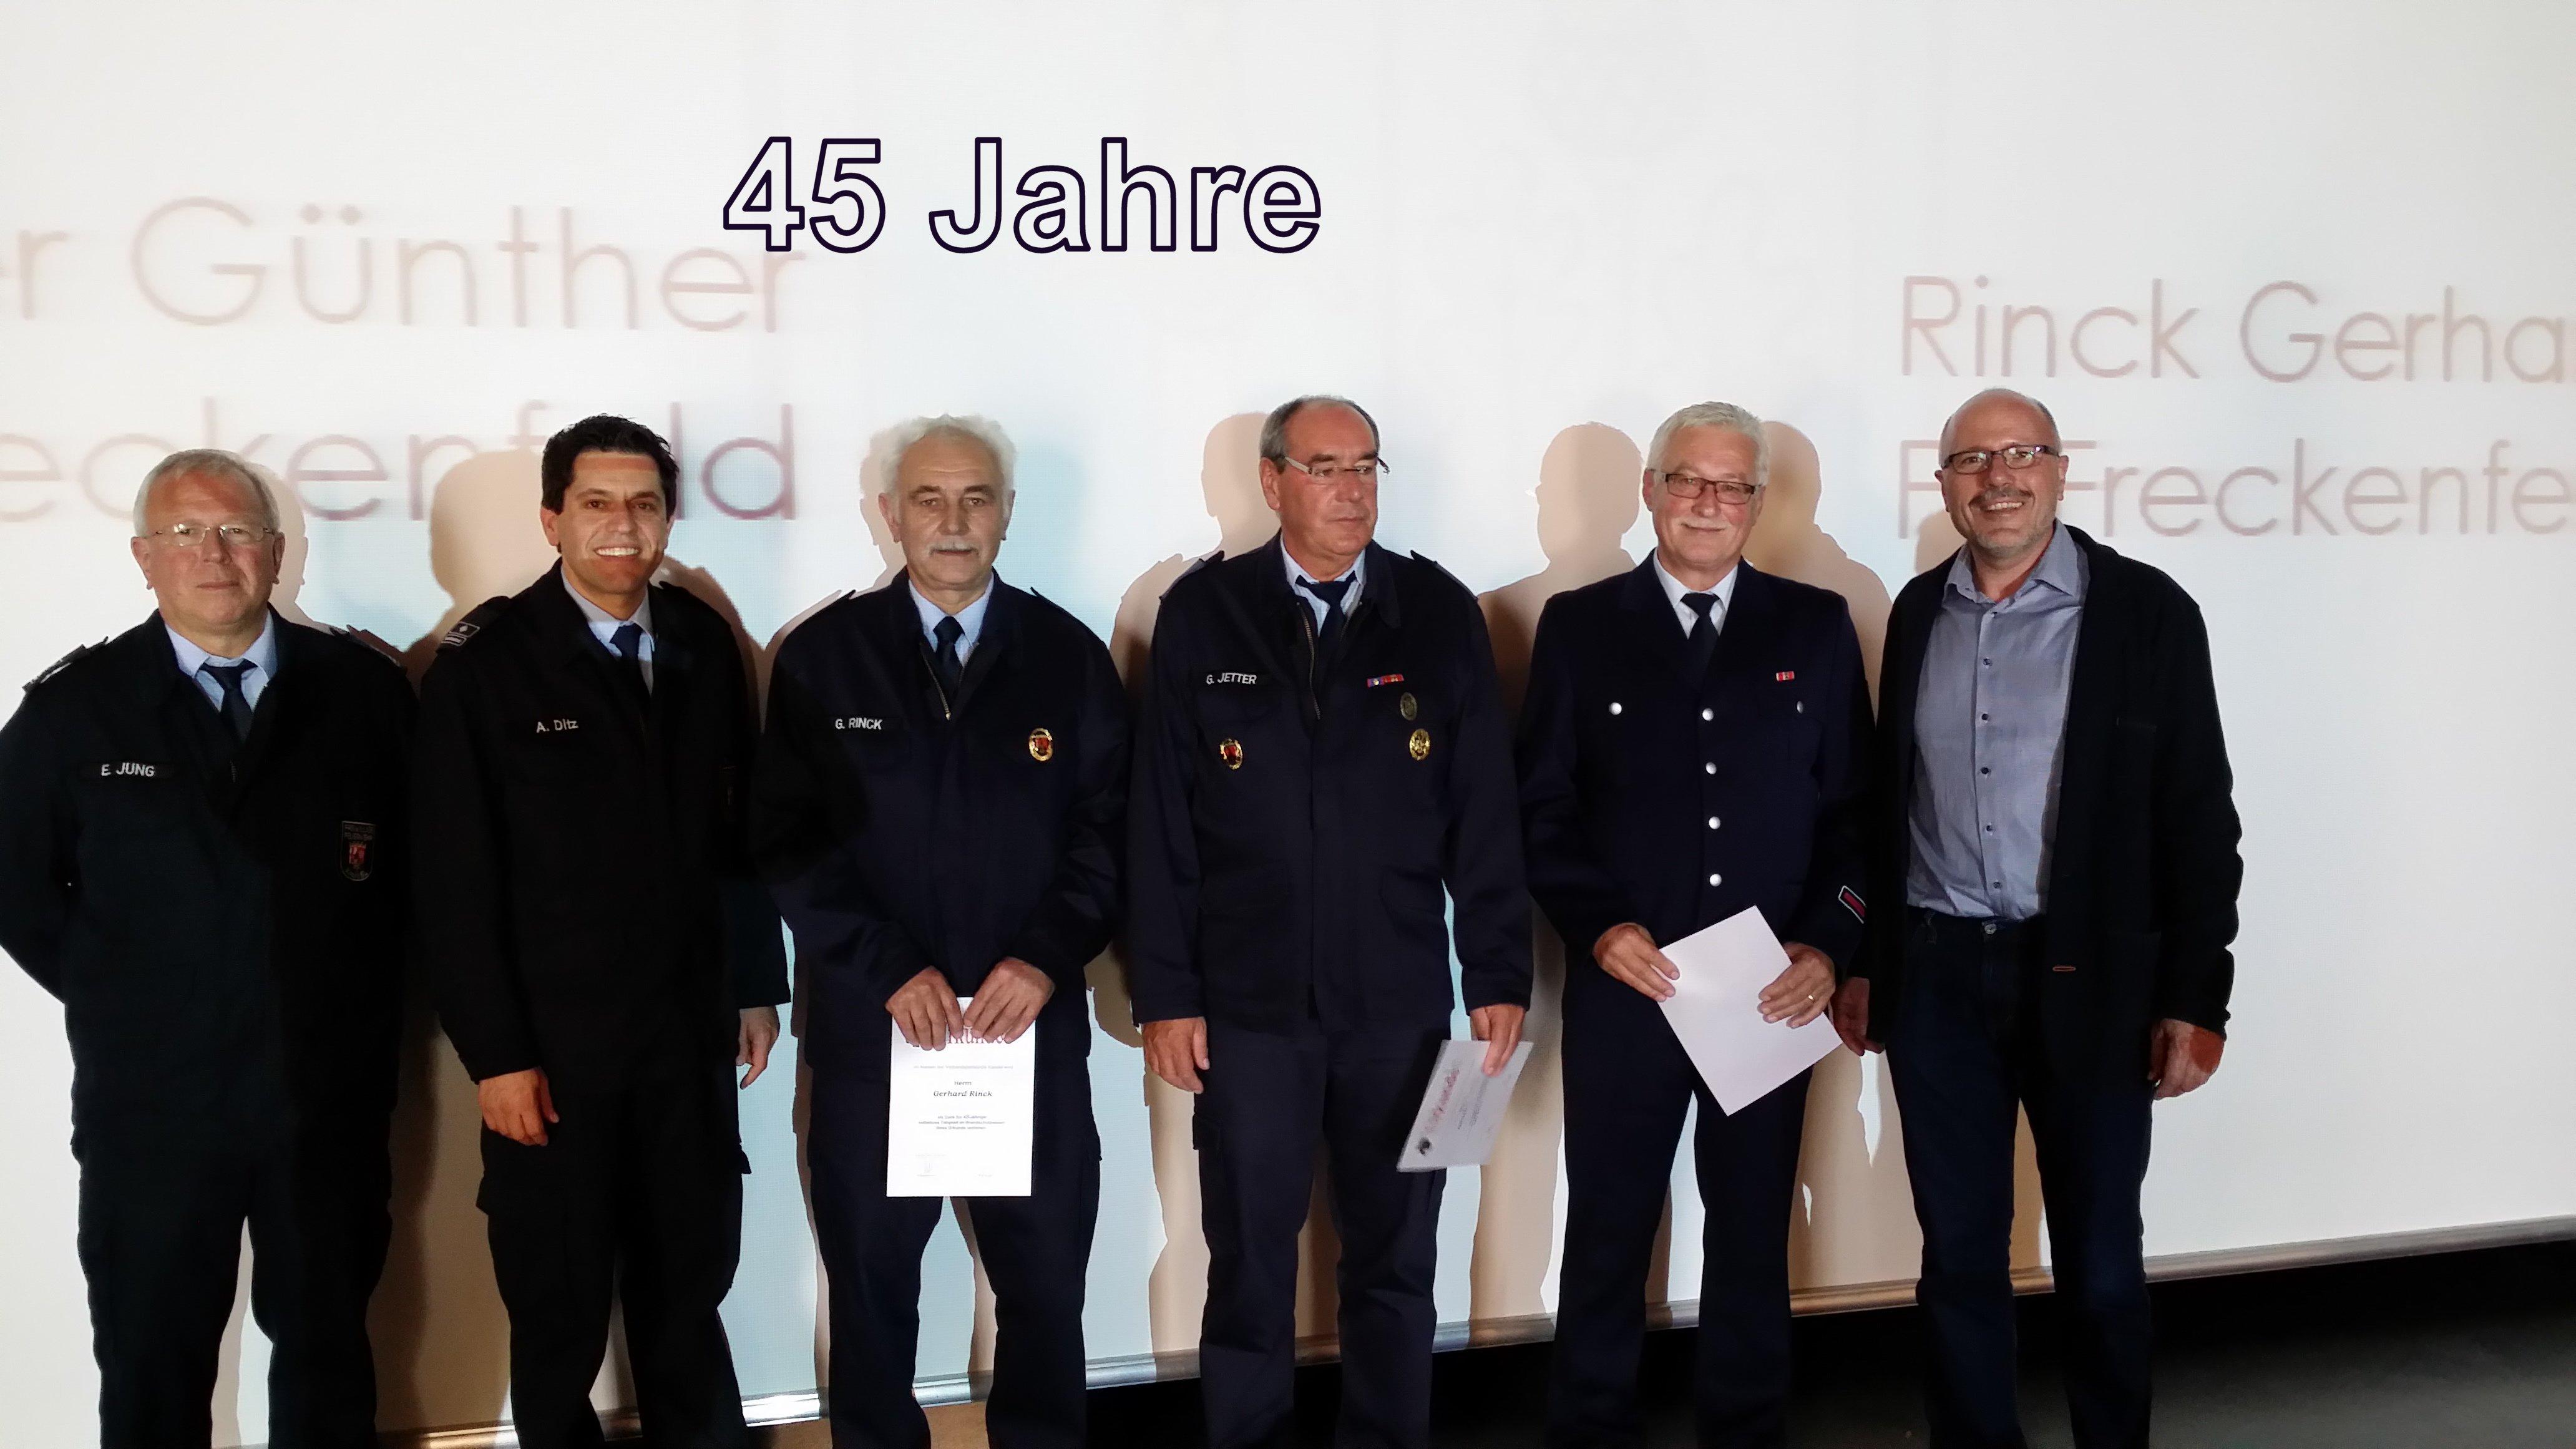 Ehrung für 45 Jahre - Herr Scherrer Zweiter von rechts.